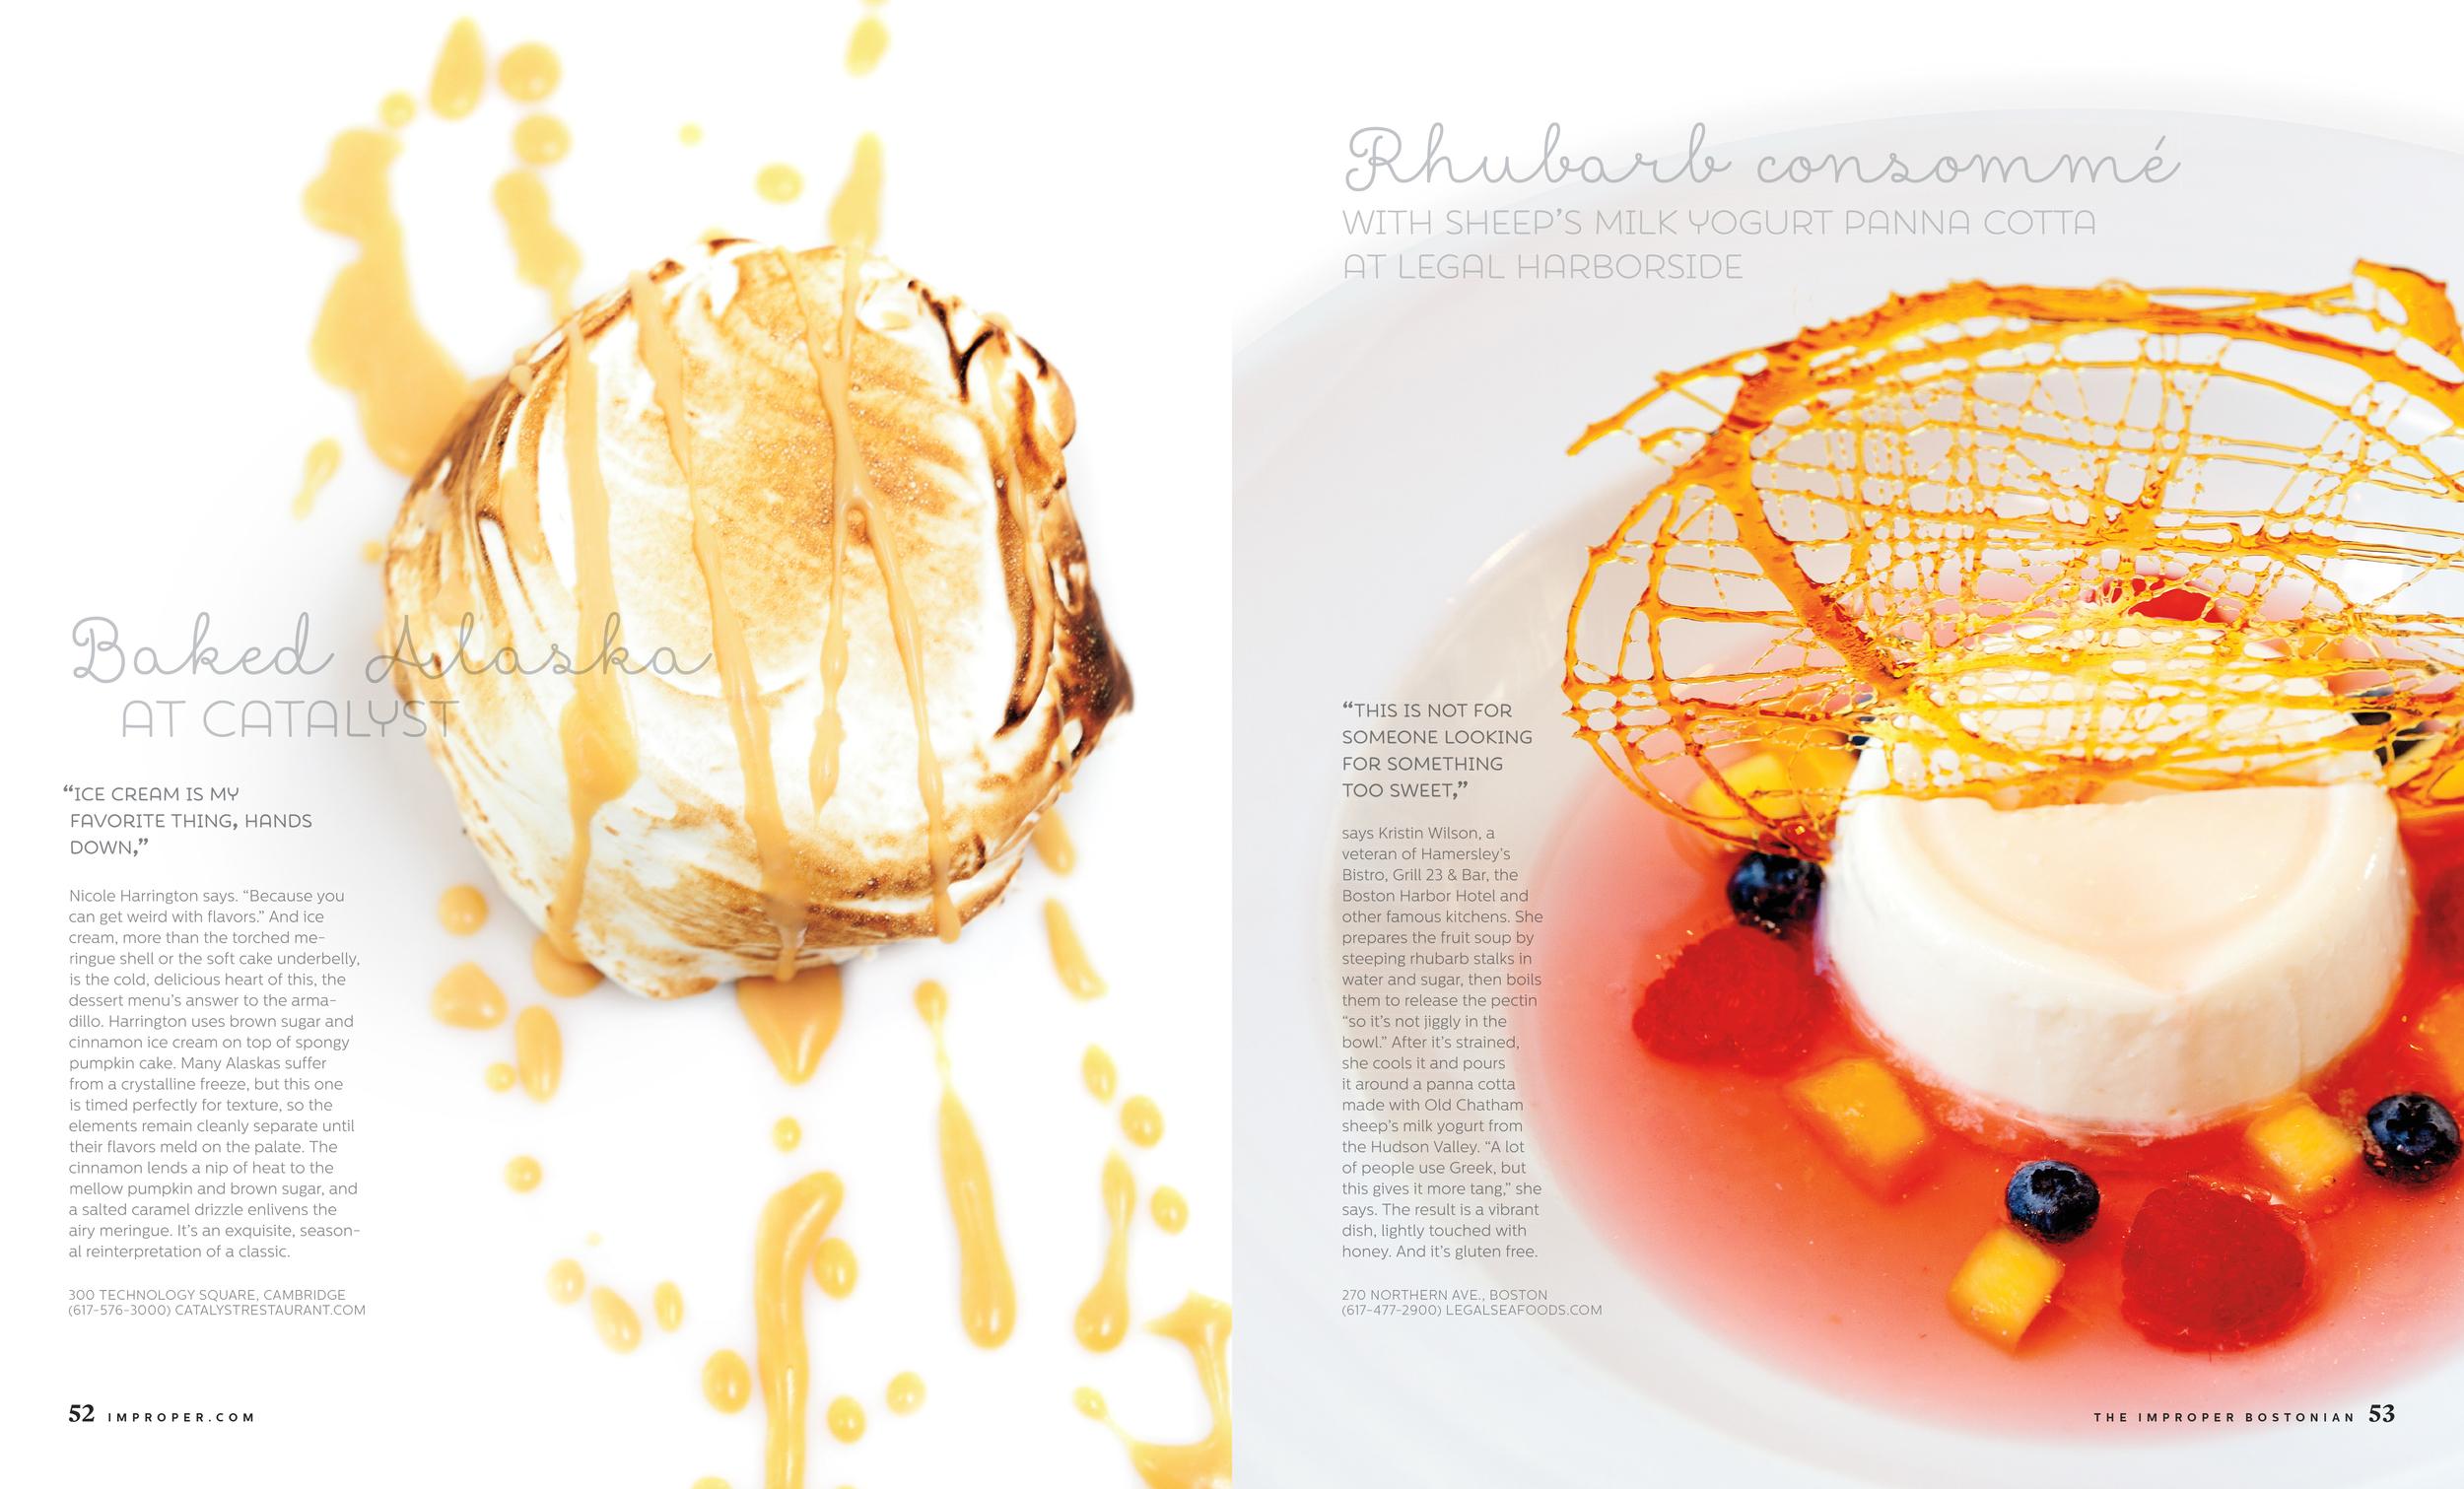 dessertfeature2.jpg